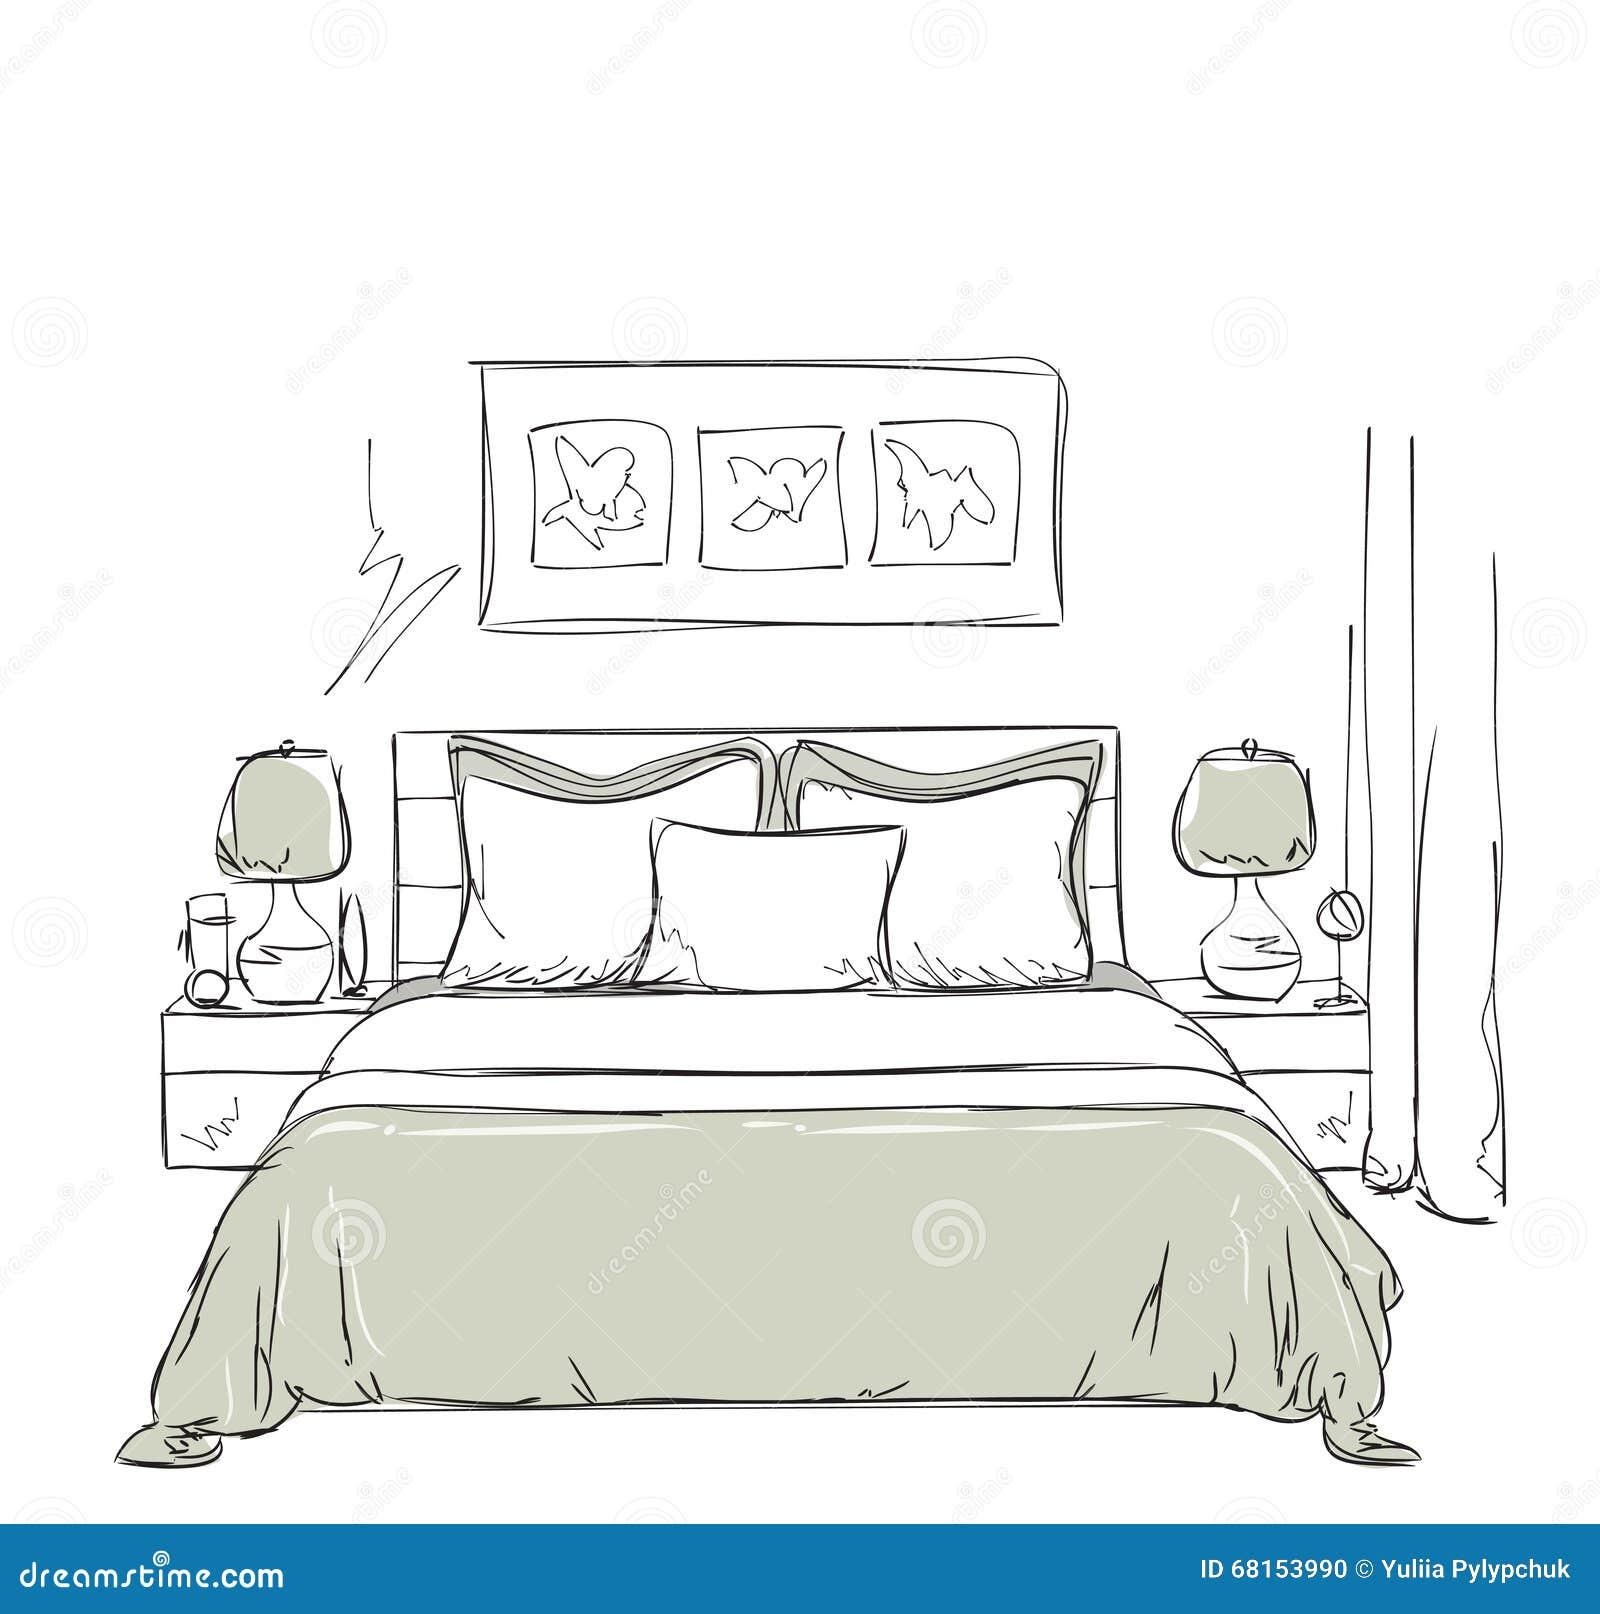 Dessin Int Rieur Moderne De Chambre Coucher Illustration De Vecteur Image 68153990